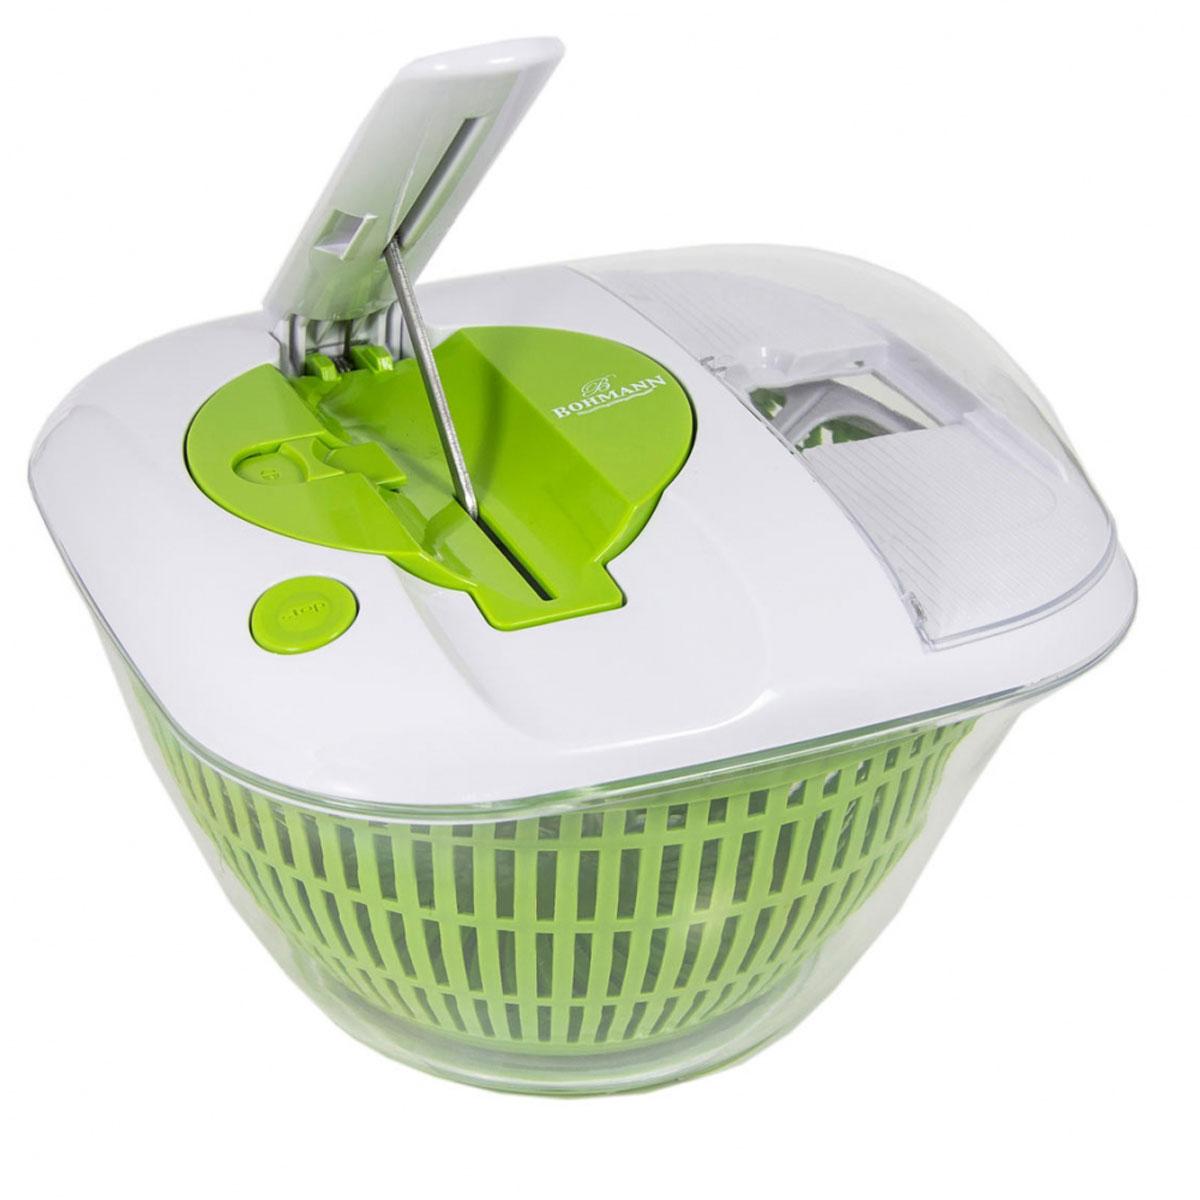 Сушилка для овощей Bohmann, со встроенным слайсером, 5 л391602Сушилка для овощей со встроенным слайсером. Включает порезку на ломтики и мелкие кусочки. С волнистыми режущими лезвиями. Защитная рукоятка. Прочная полистерольная миска. Можно мыть в посудомоечной машине. Система АБС. Моет, перемешивает, сервирует - все в одном.Объем: 5 л.